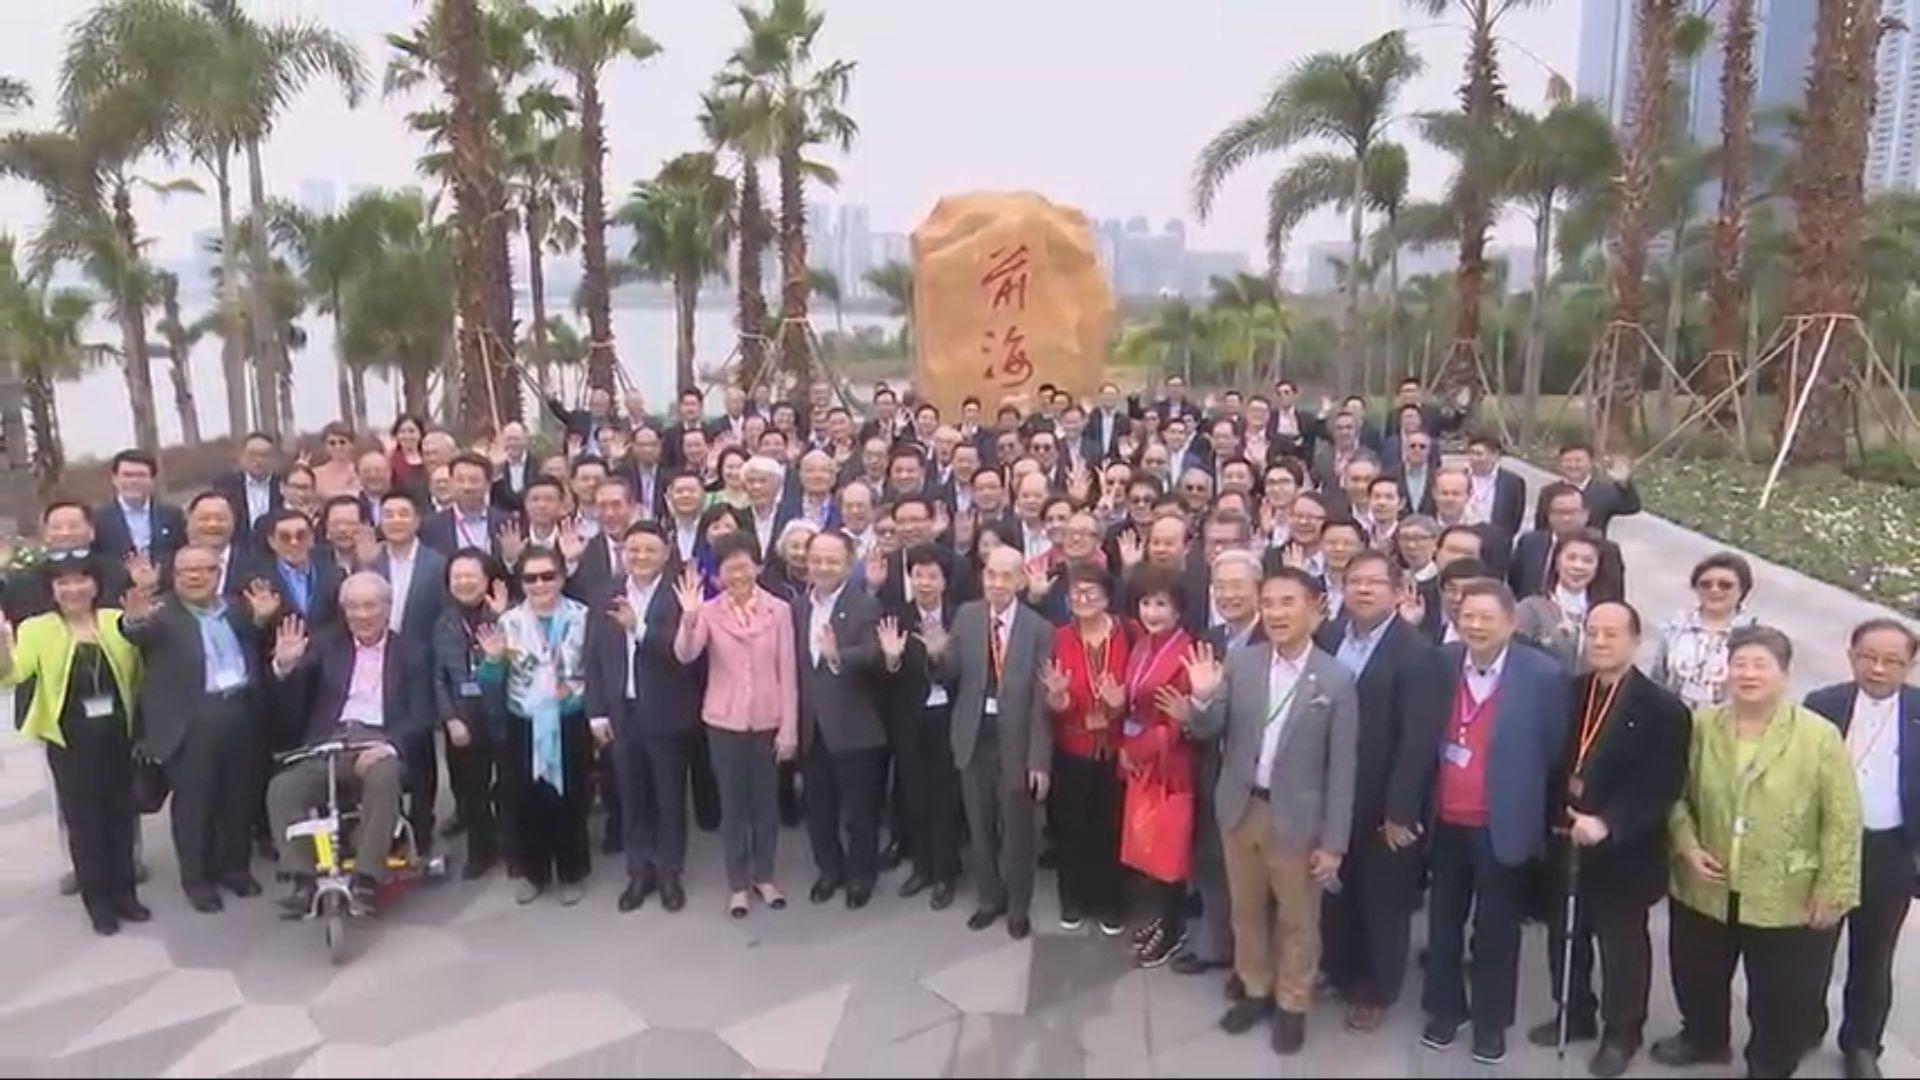 林鄭率團訪京 下周一將獲國家領導人接見